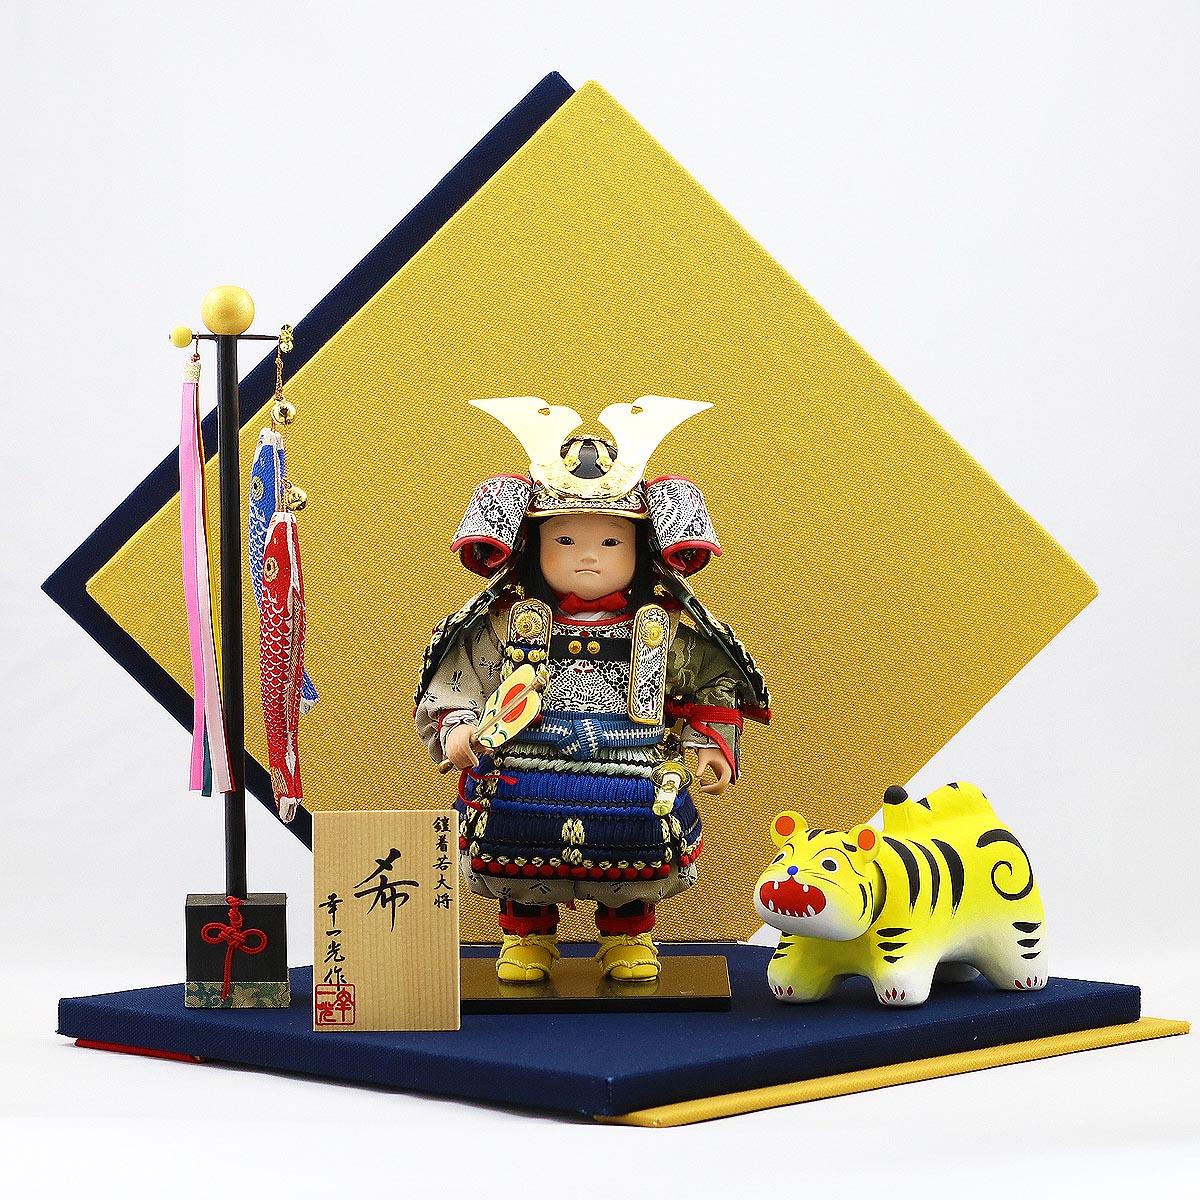 五月人形 幸一光 子供大将飾り 希 (のぞみ) 鎧着 菱形屏風(黄・紺) 鎧着 張子の虎セット ≪GOKI-NOZOMI-NO-05≫コンパクト おしゃれ 子供大将飾り 武者人形 子供大将飾り 五月人形